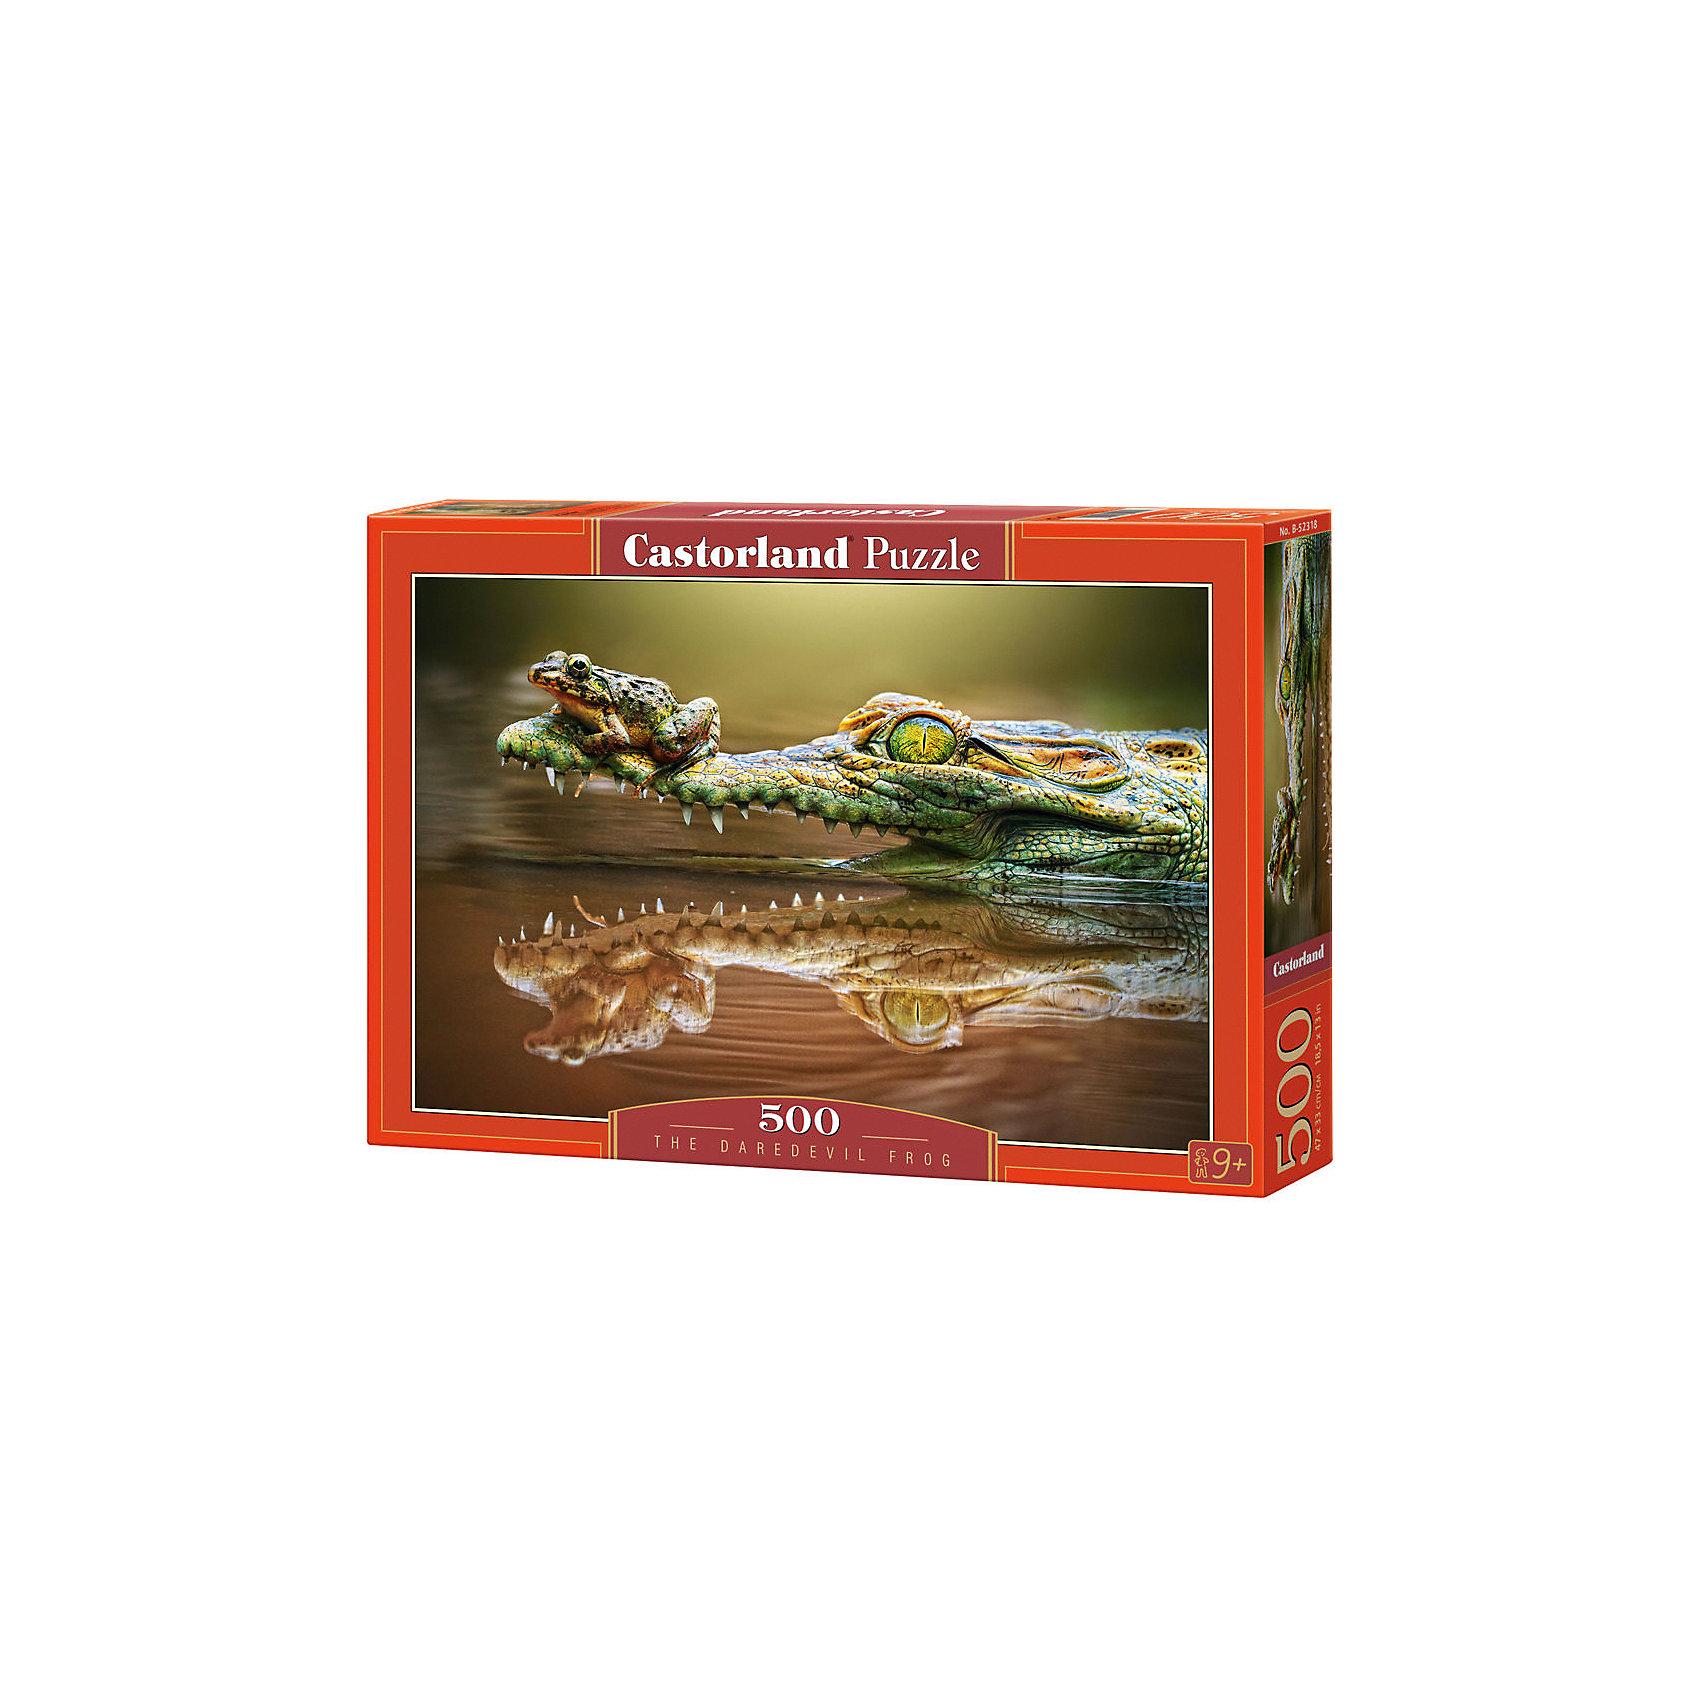 Castorland Пазл Крокодил, 500 деталей, Castorland castorland пазл манхэттен до 11 09 2001 2000 деталей castorland